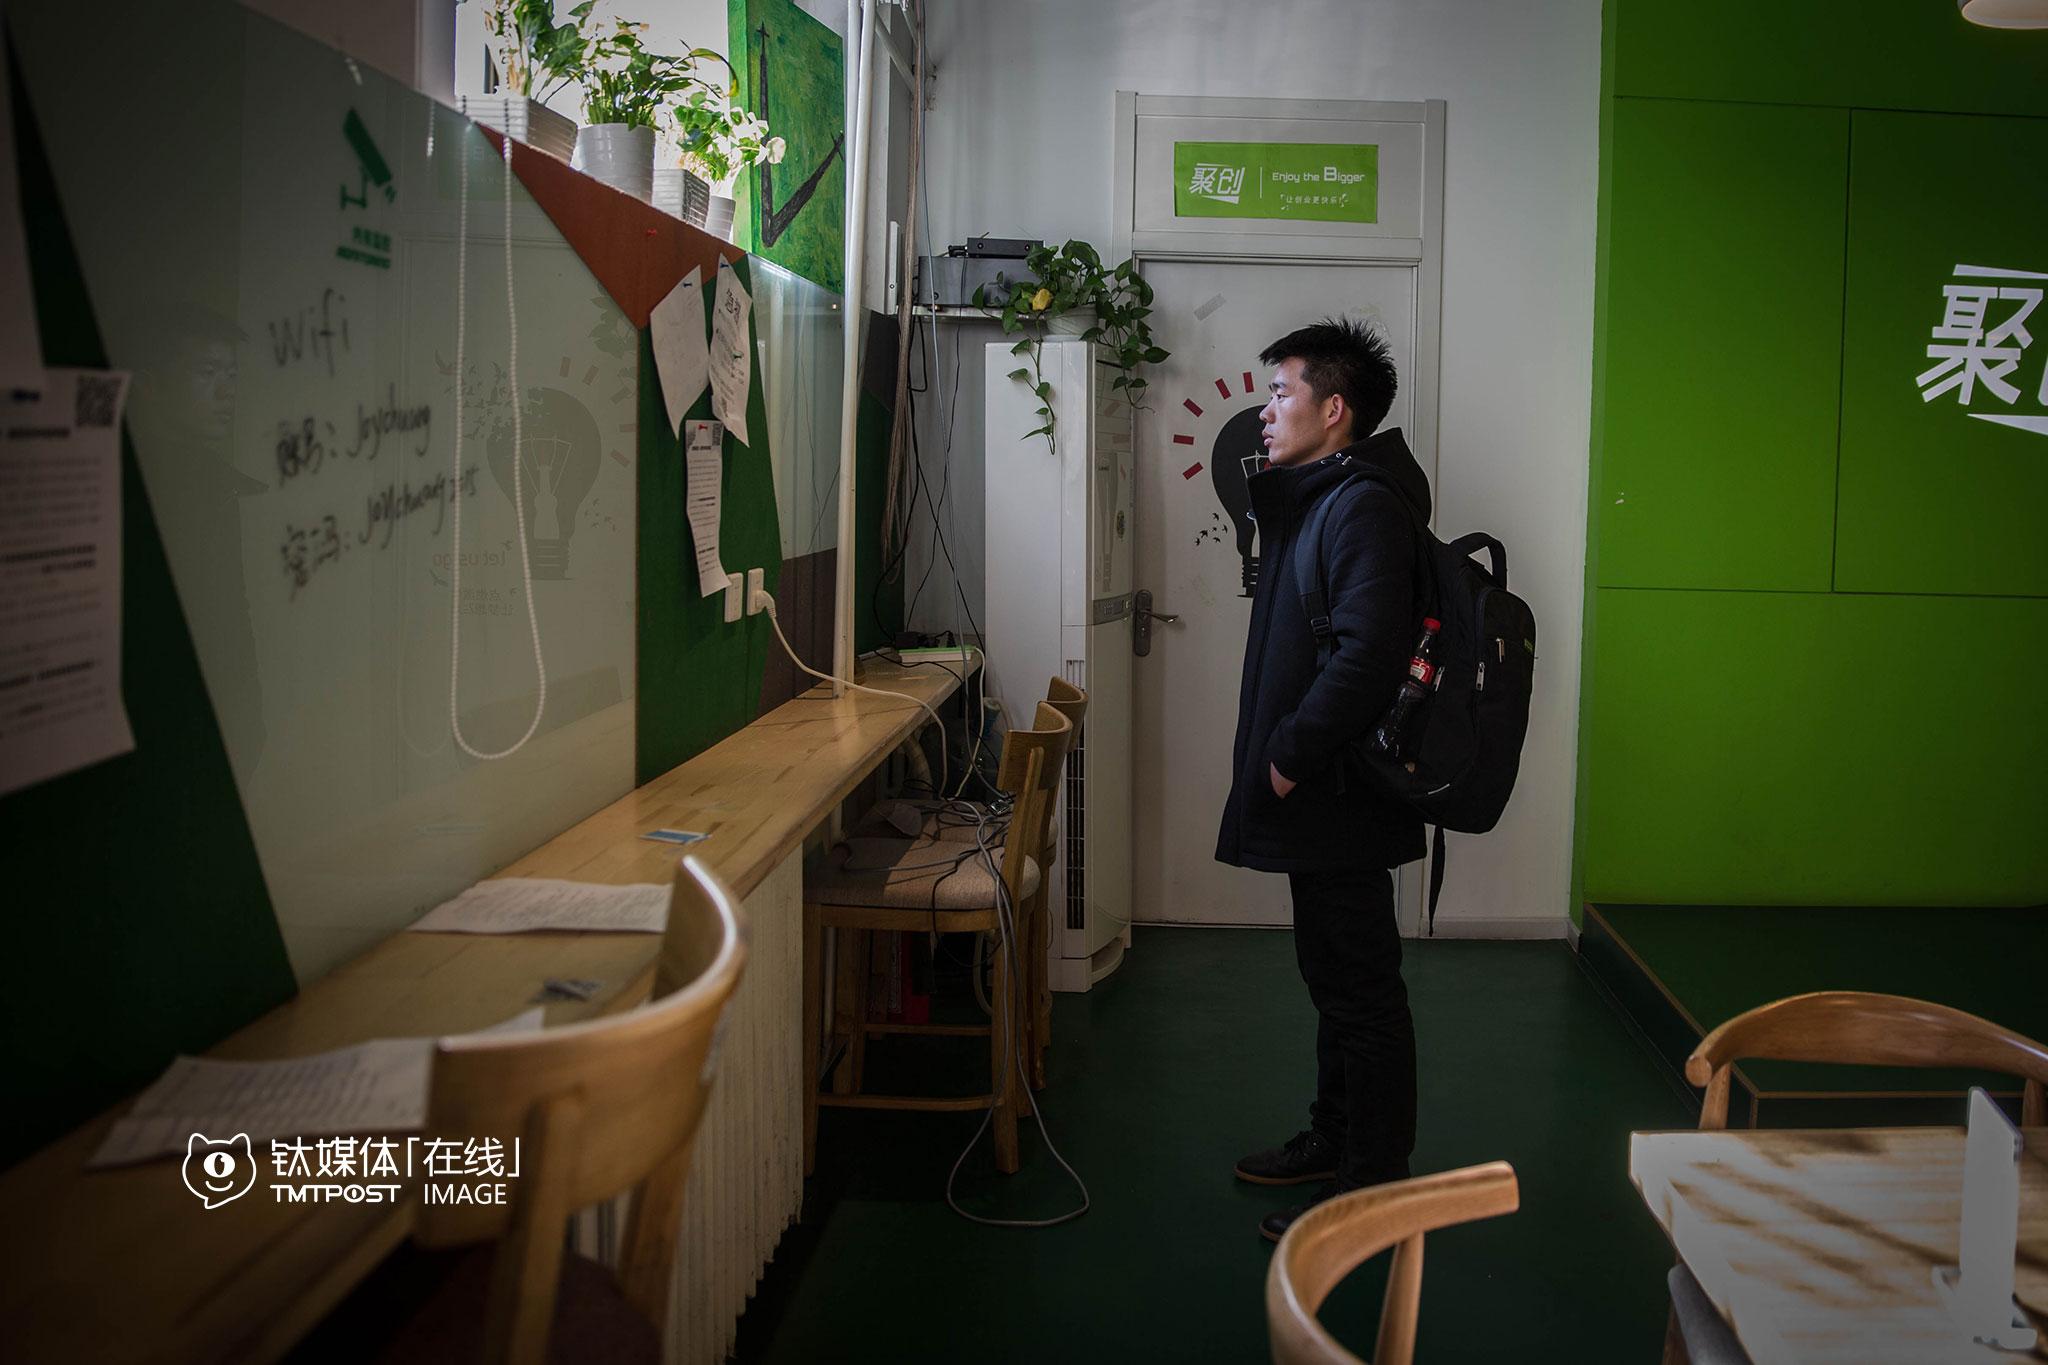 """2016年2月23日,北京中关村聚创空间,牛伟(化名)在阅读创业者贴的招募广告。他今年夏天大学毕业,这次到北京是送朋友来工作,顺便到闻名已久的中关村走走。他学的计算机,毕业后准备做互联网。""""北京厉害的人太多,我准备先在家那边工作一段时间,积累点经验,再到北京来,那样也许会好找工作一点"""",当天下午,他离开了北京。"""